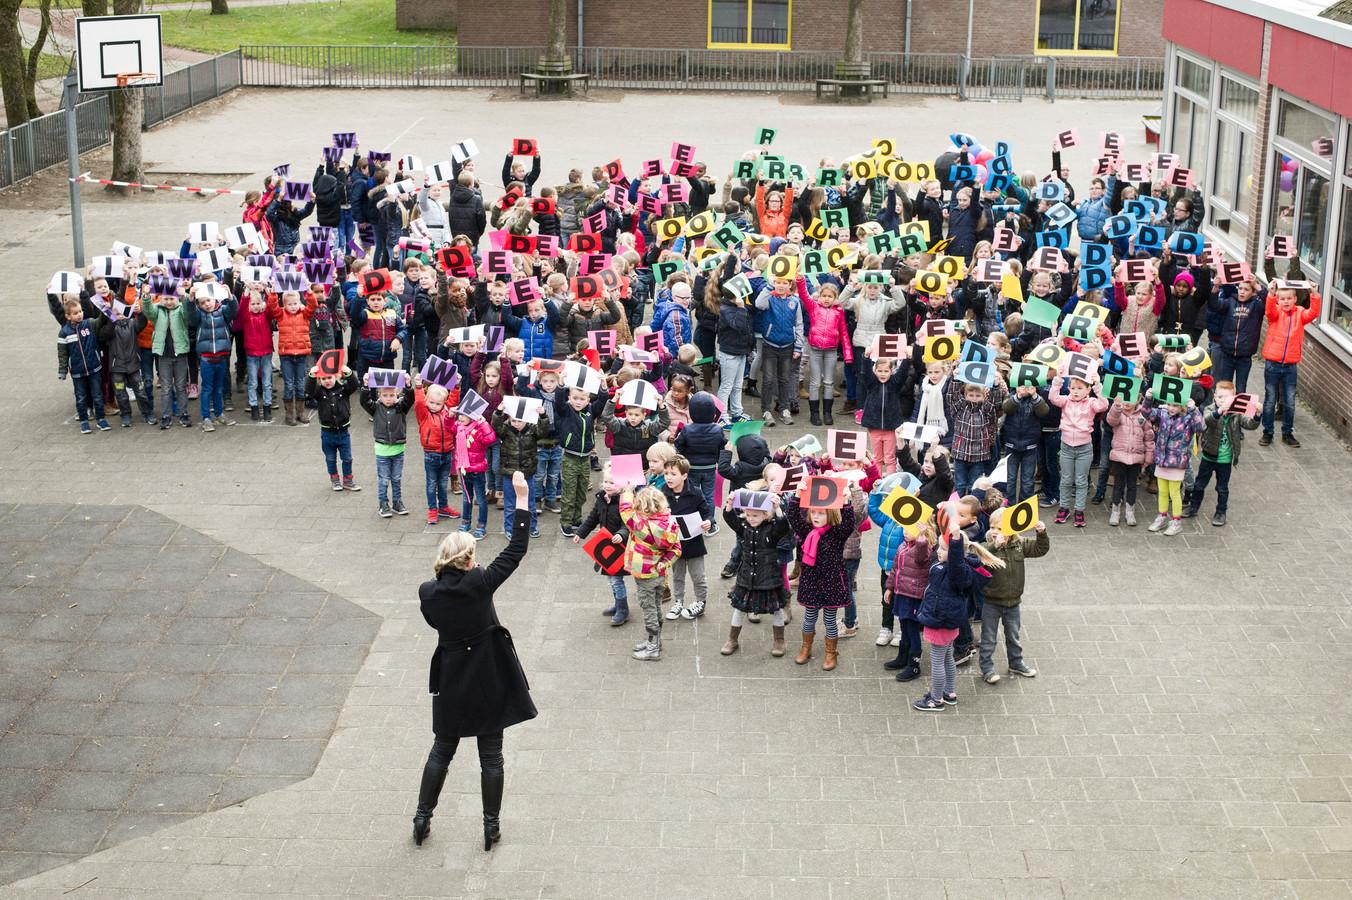 Groep 8 Widerode uit Wierden bij Zapp | Foto | tubantia.nl